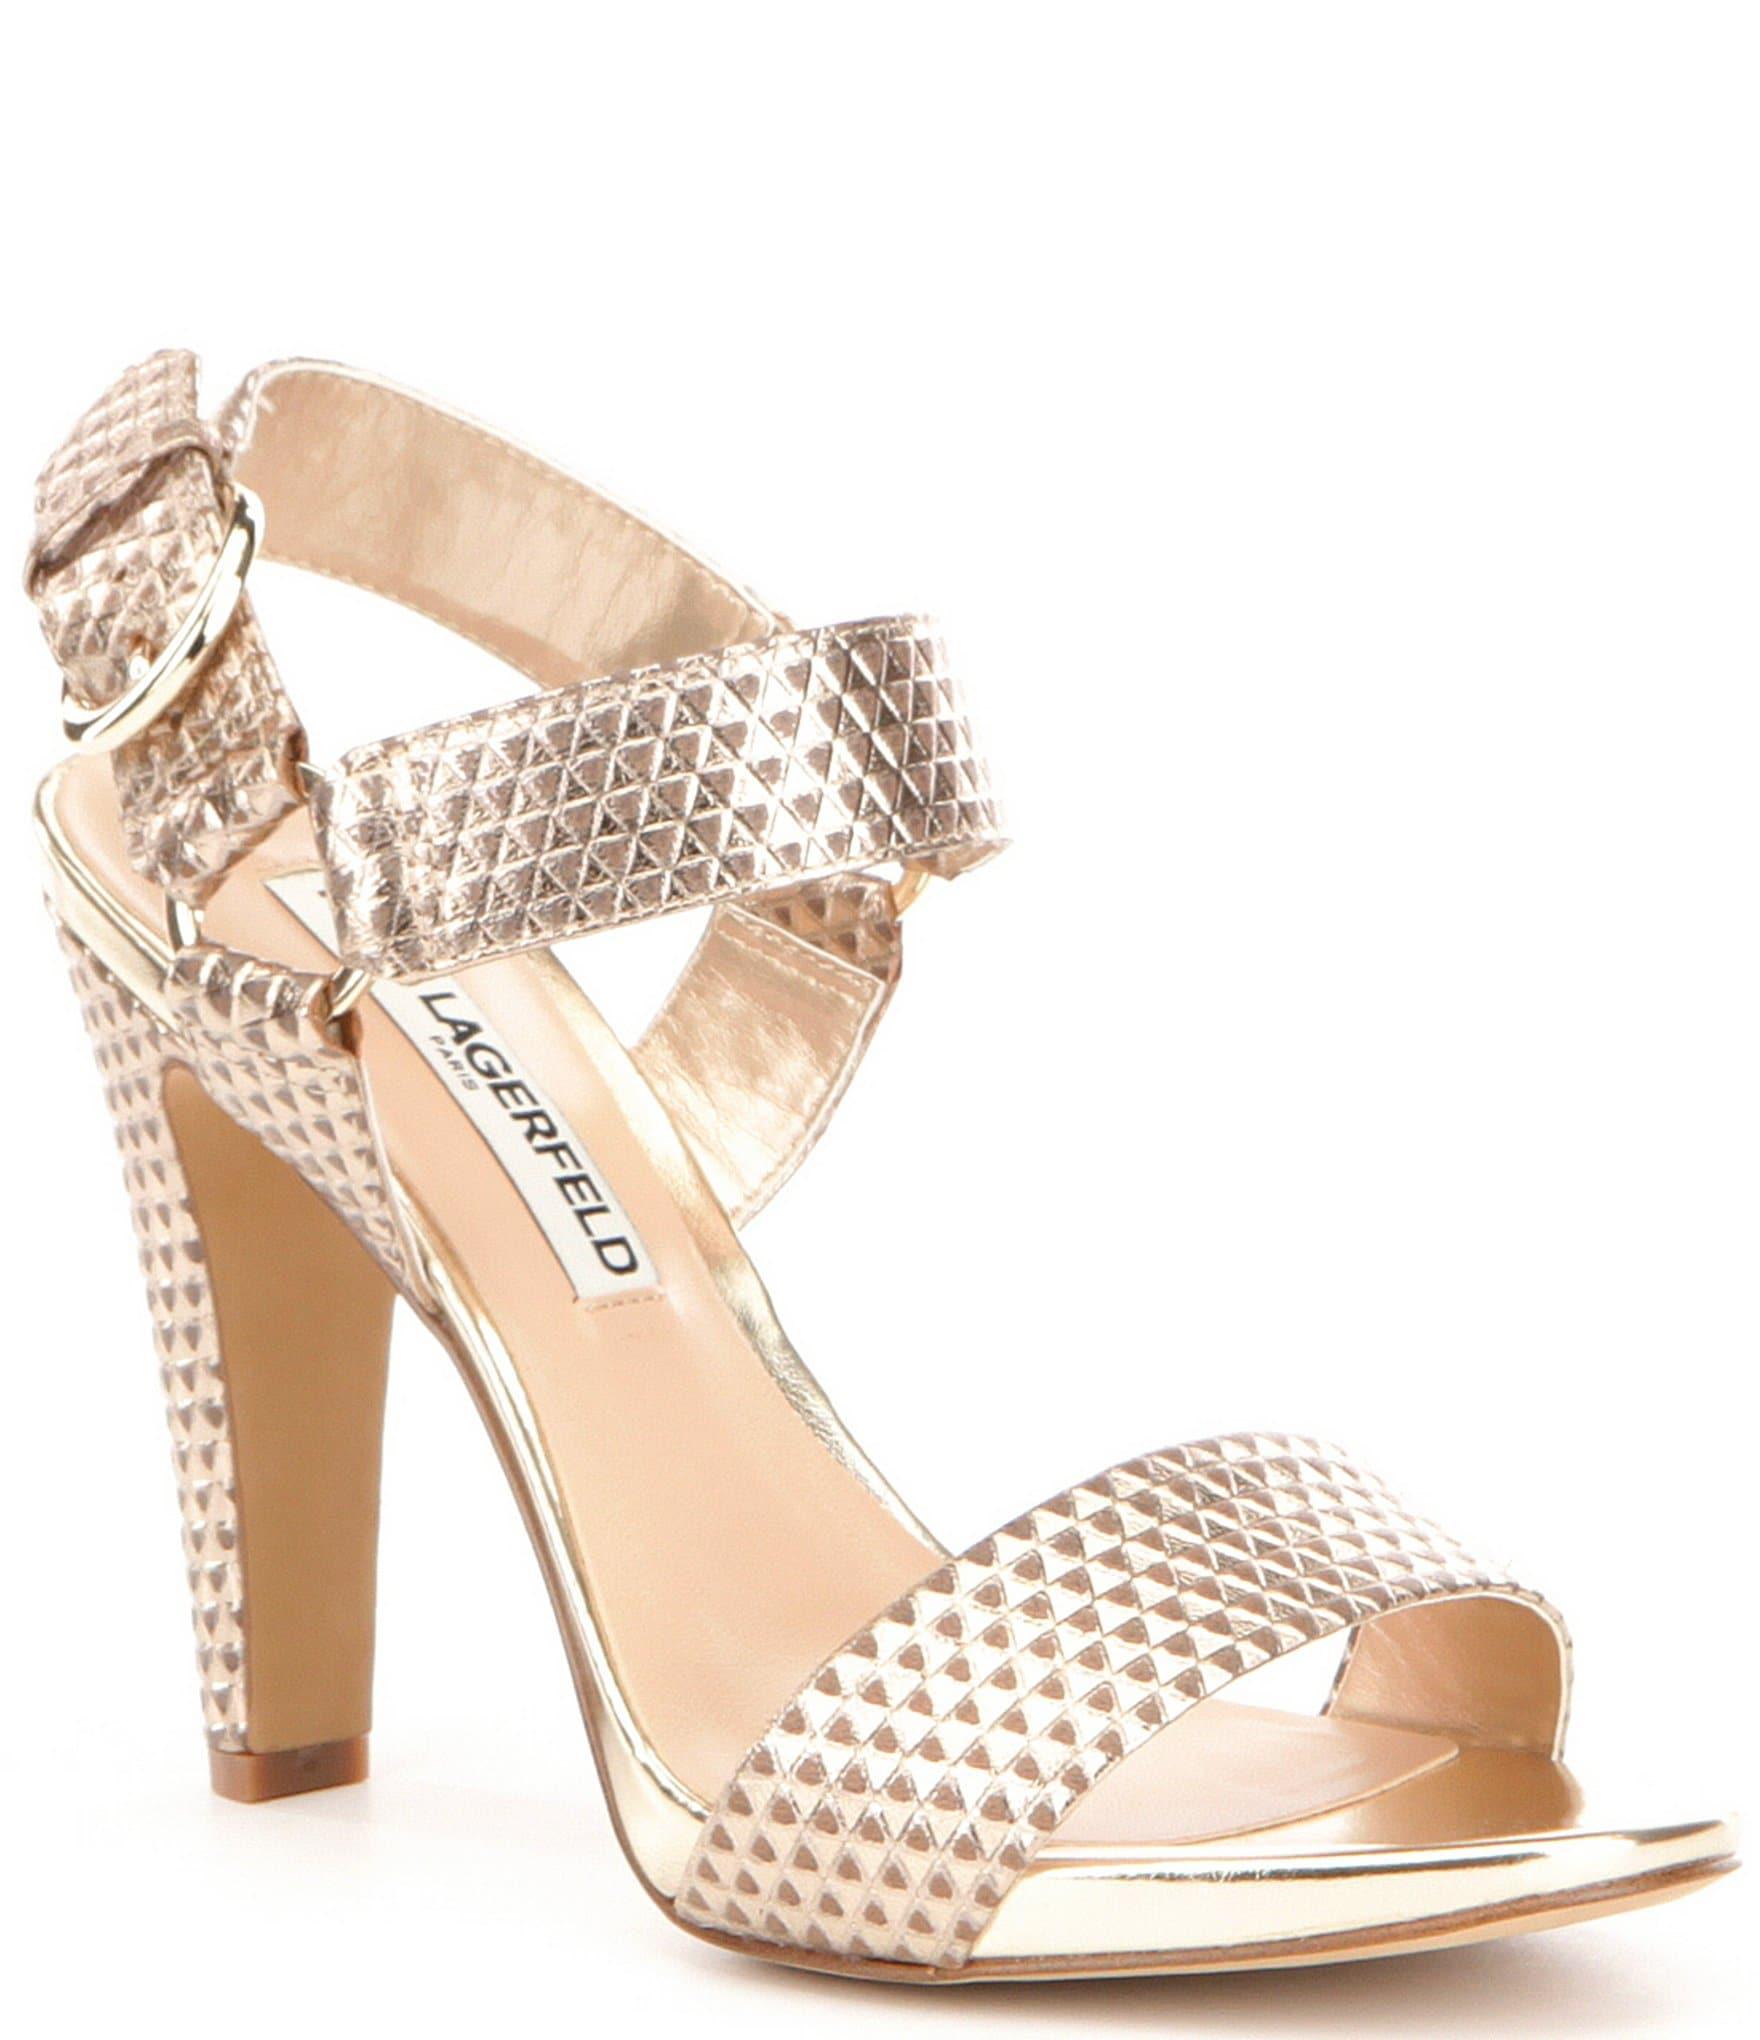 a908302e6e1 KARL LAGERFELD PARIS Women s Shoes